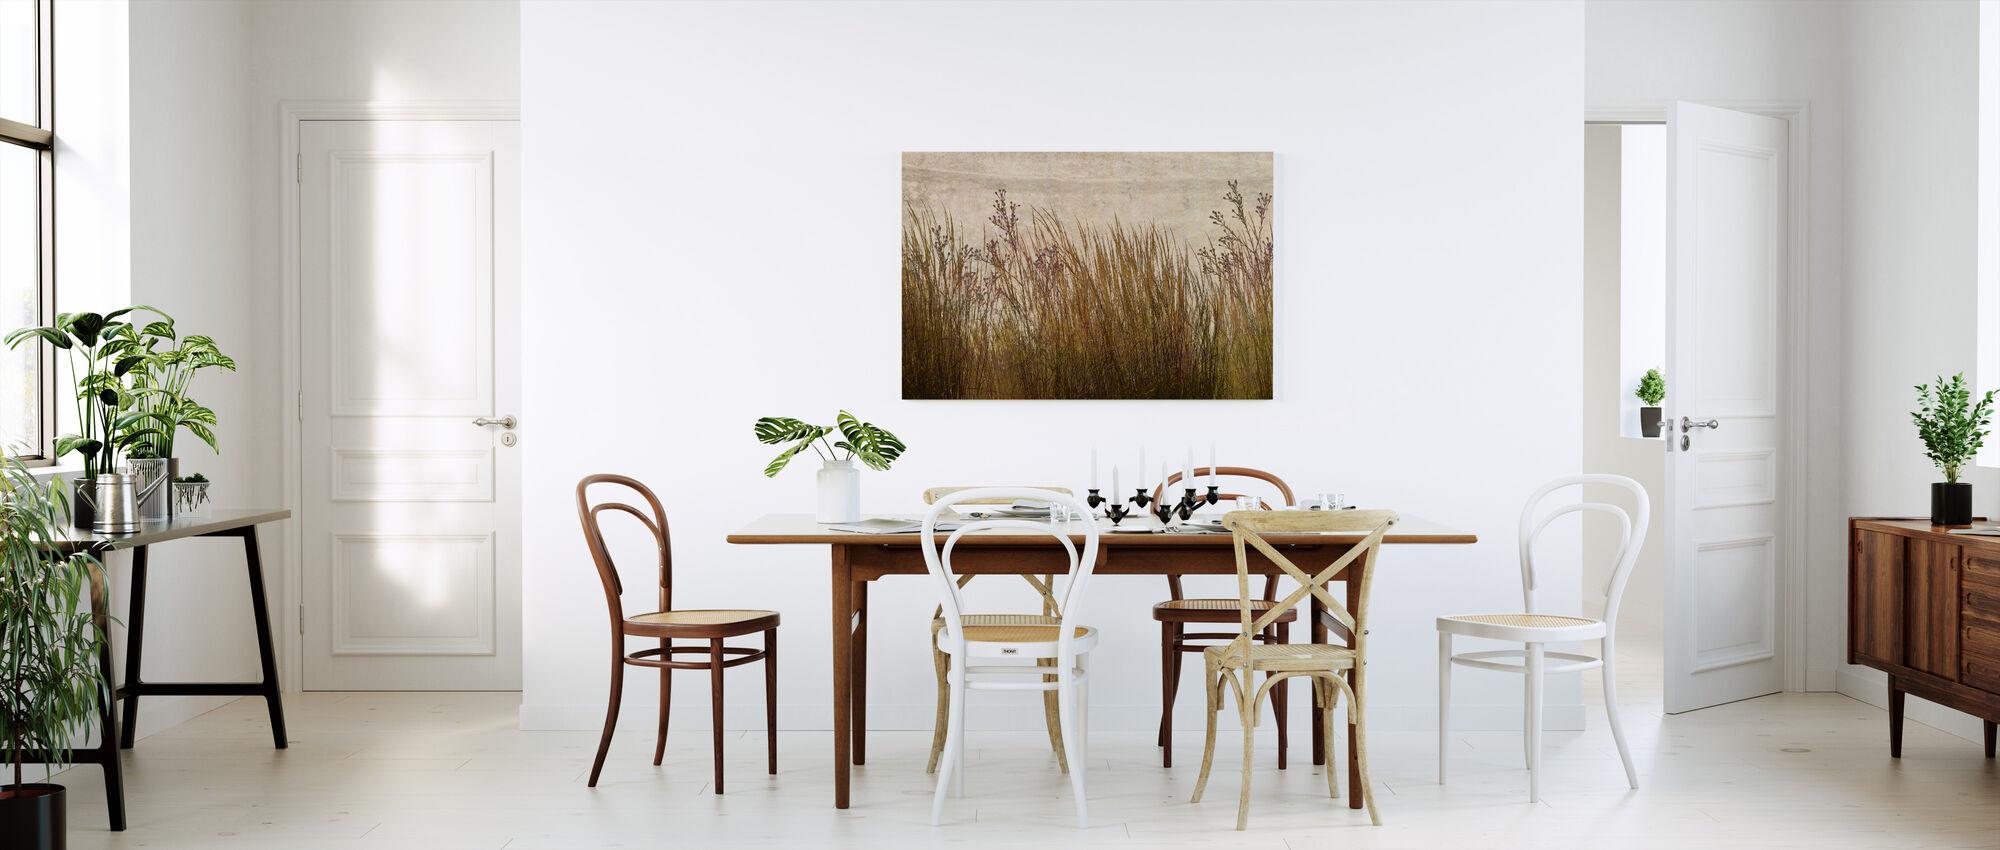 Silhouette en laiton - Impression sur toile - Cuisine